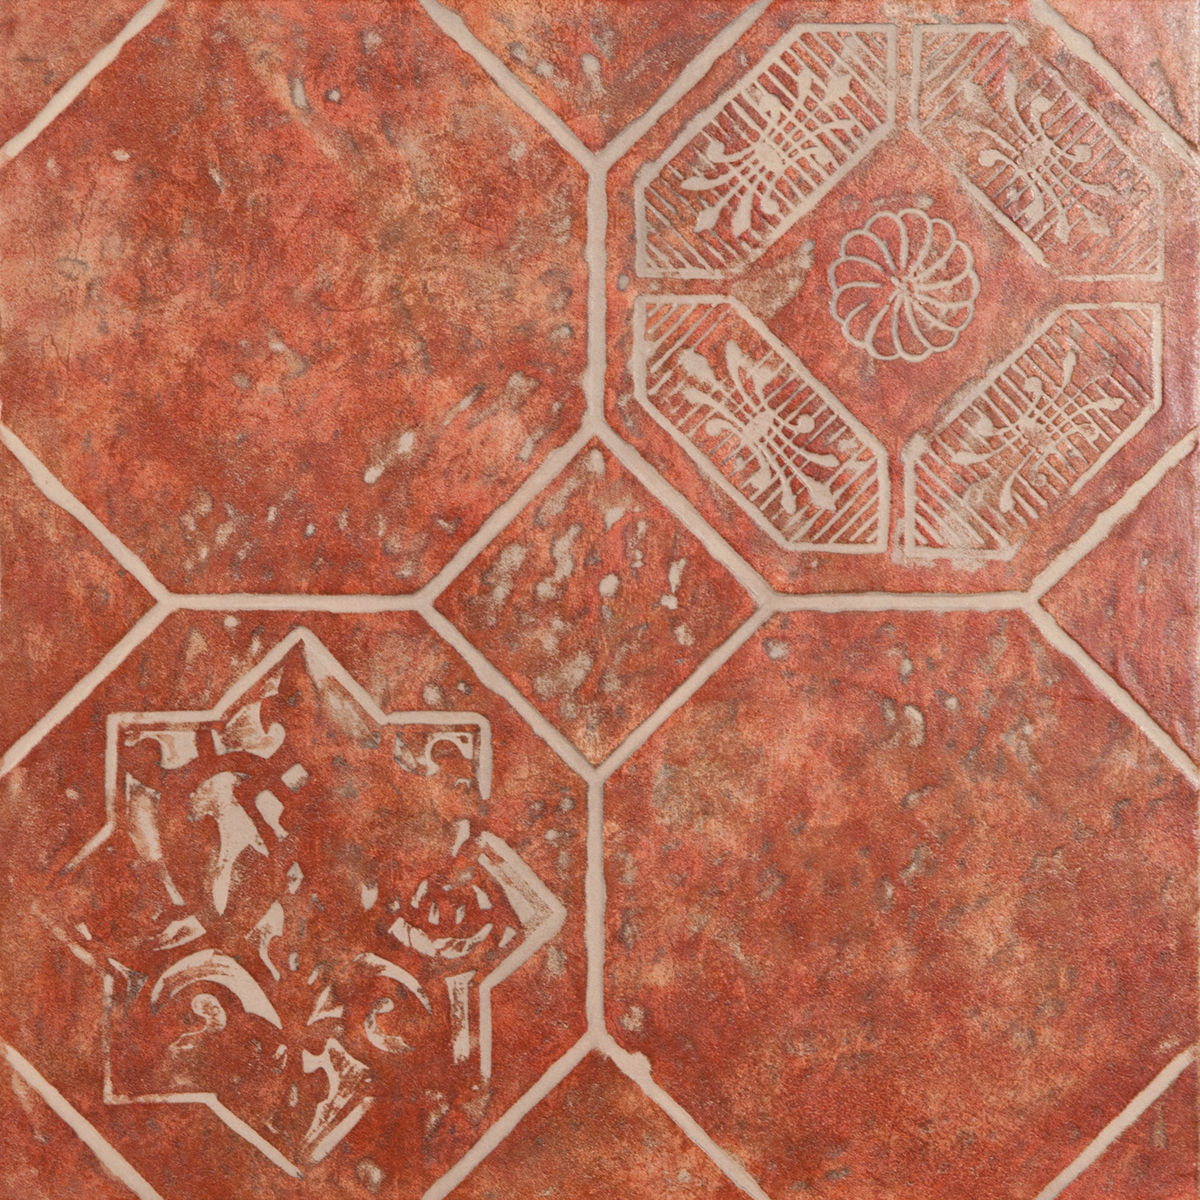 Плитка DECO  OCTAGON ROSSO 45*45 Decorato Octagon Rosso (zwxv82) изображение 0